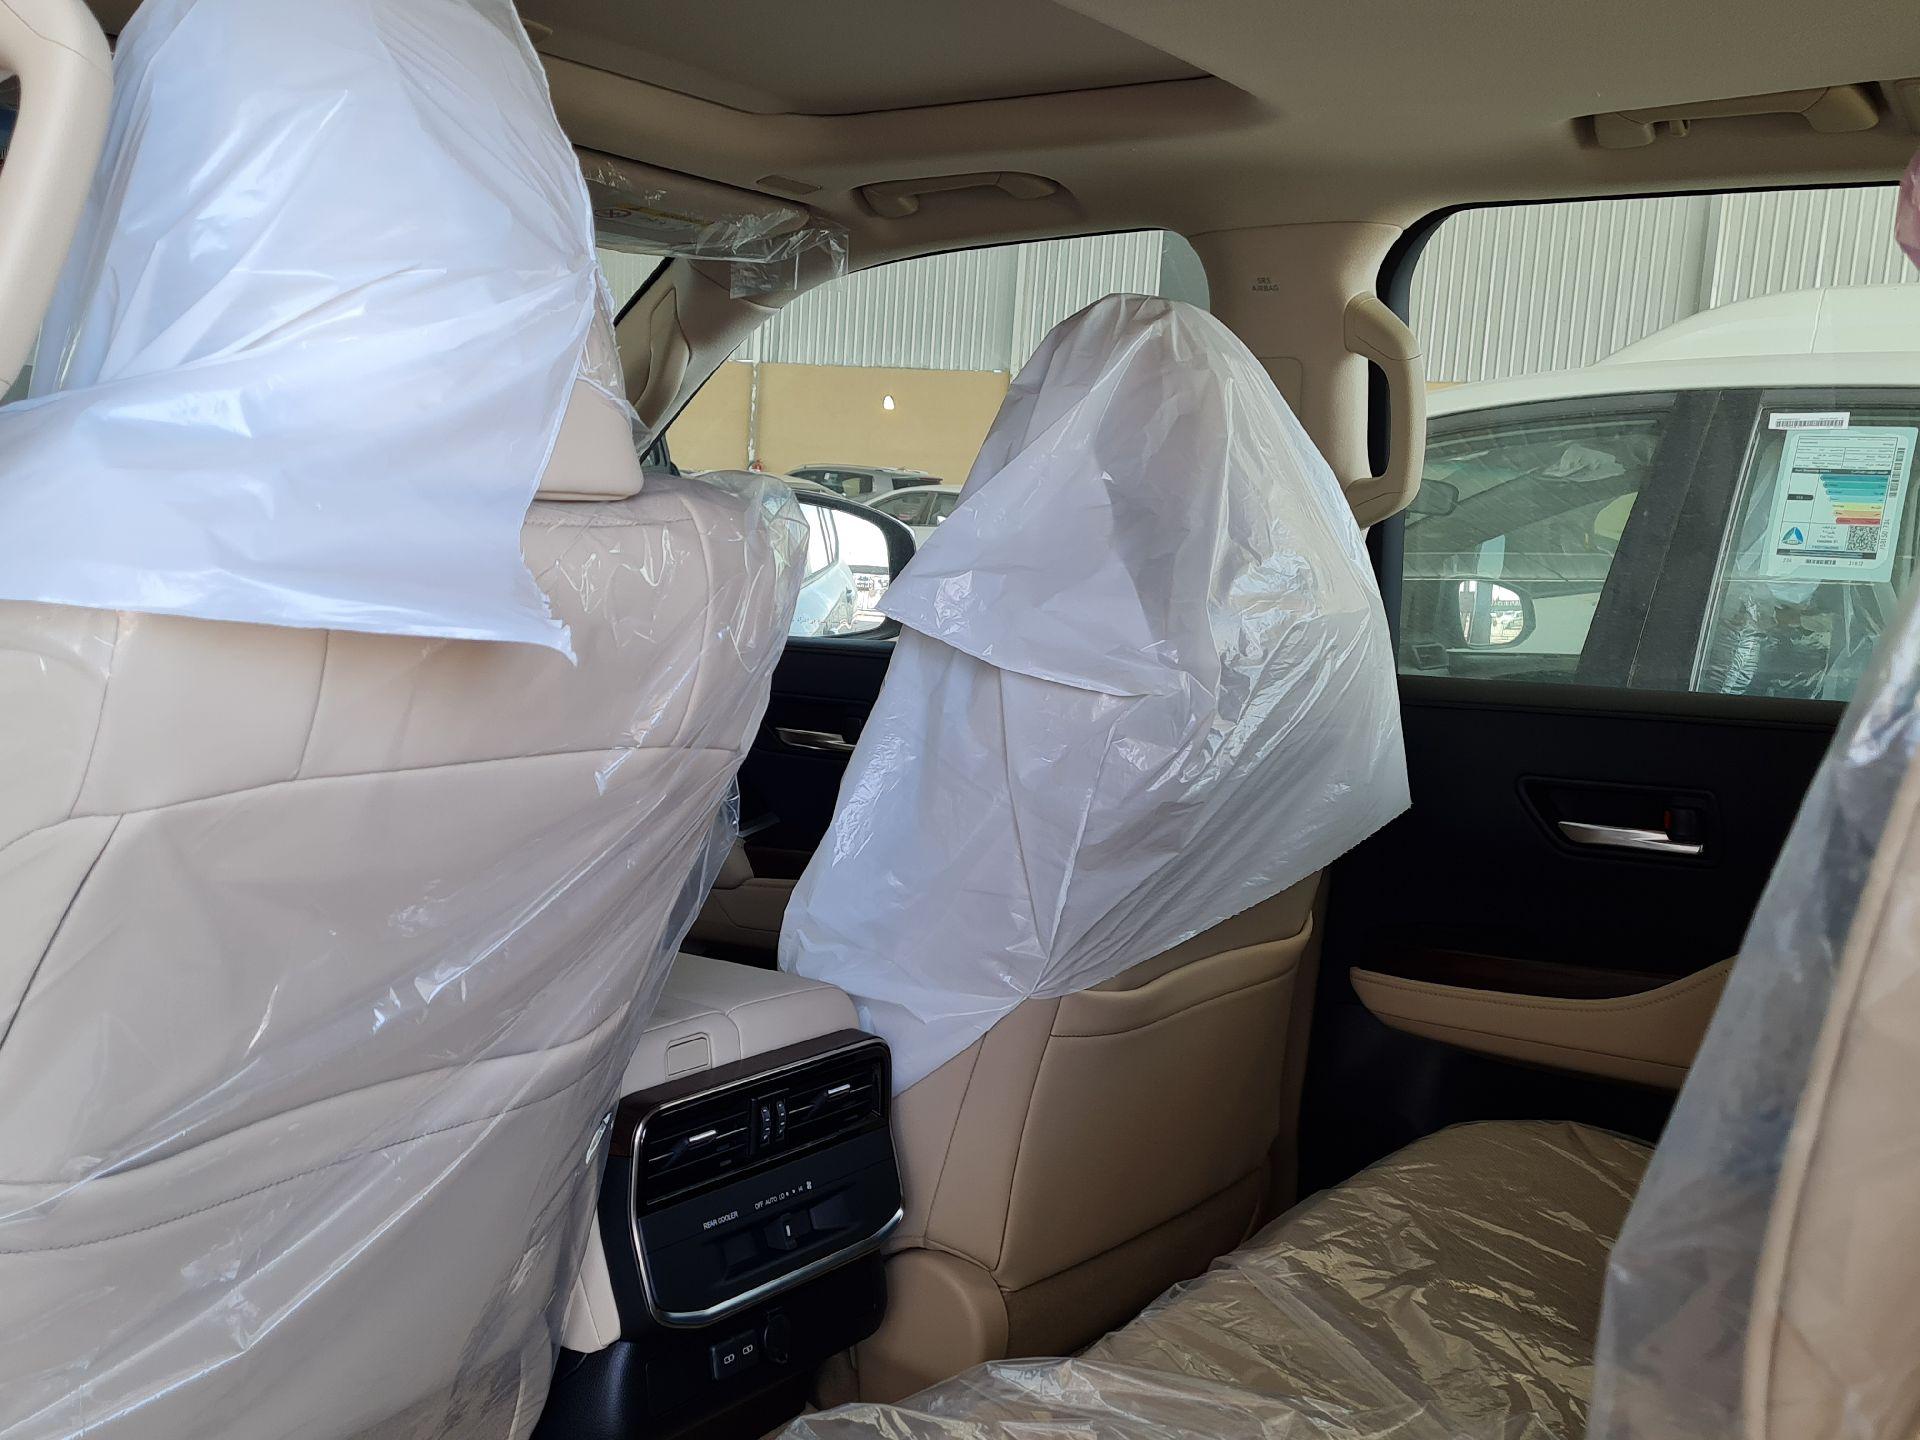 تويوتا لاندكروزر GXR-L4 2022 فل سعودي للبيع في الرياض - السعودية - صورة كبيرة - 11